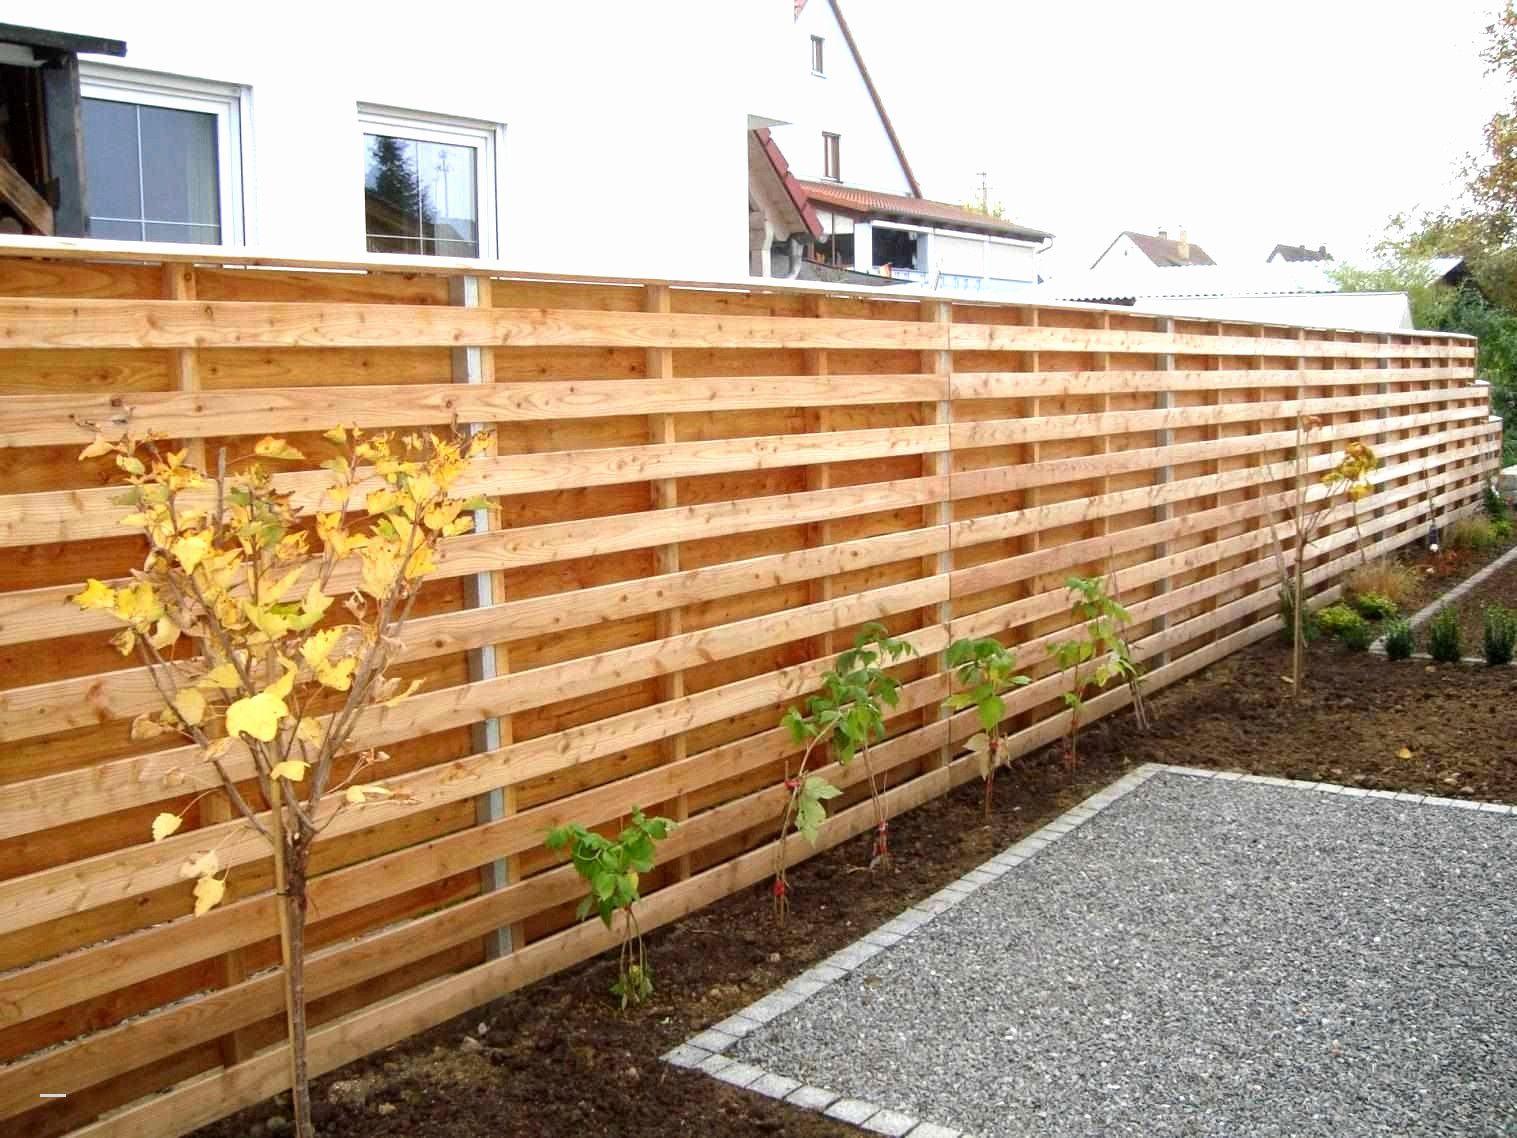 Design 40 Zum Sichtschutz Gunstig Selber Bauen Wood Outdoor